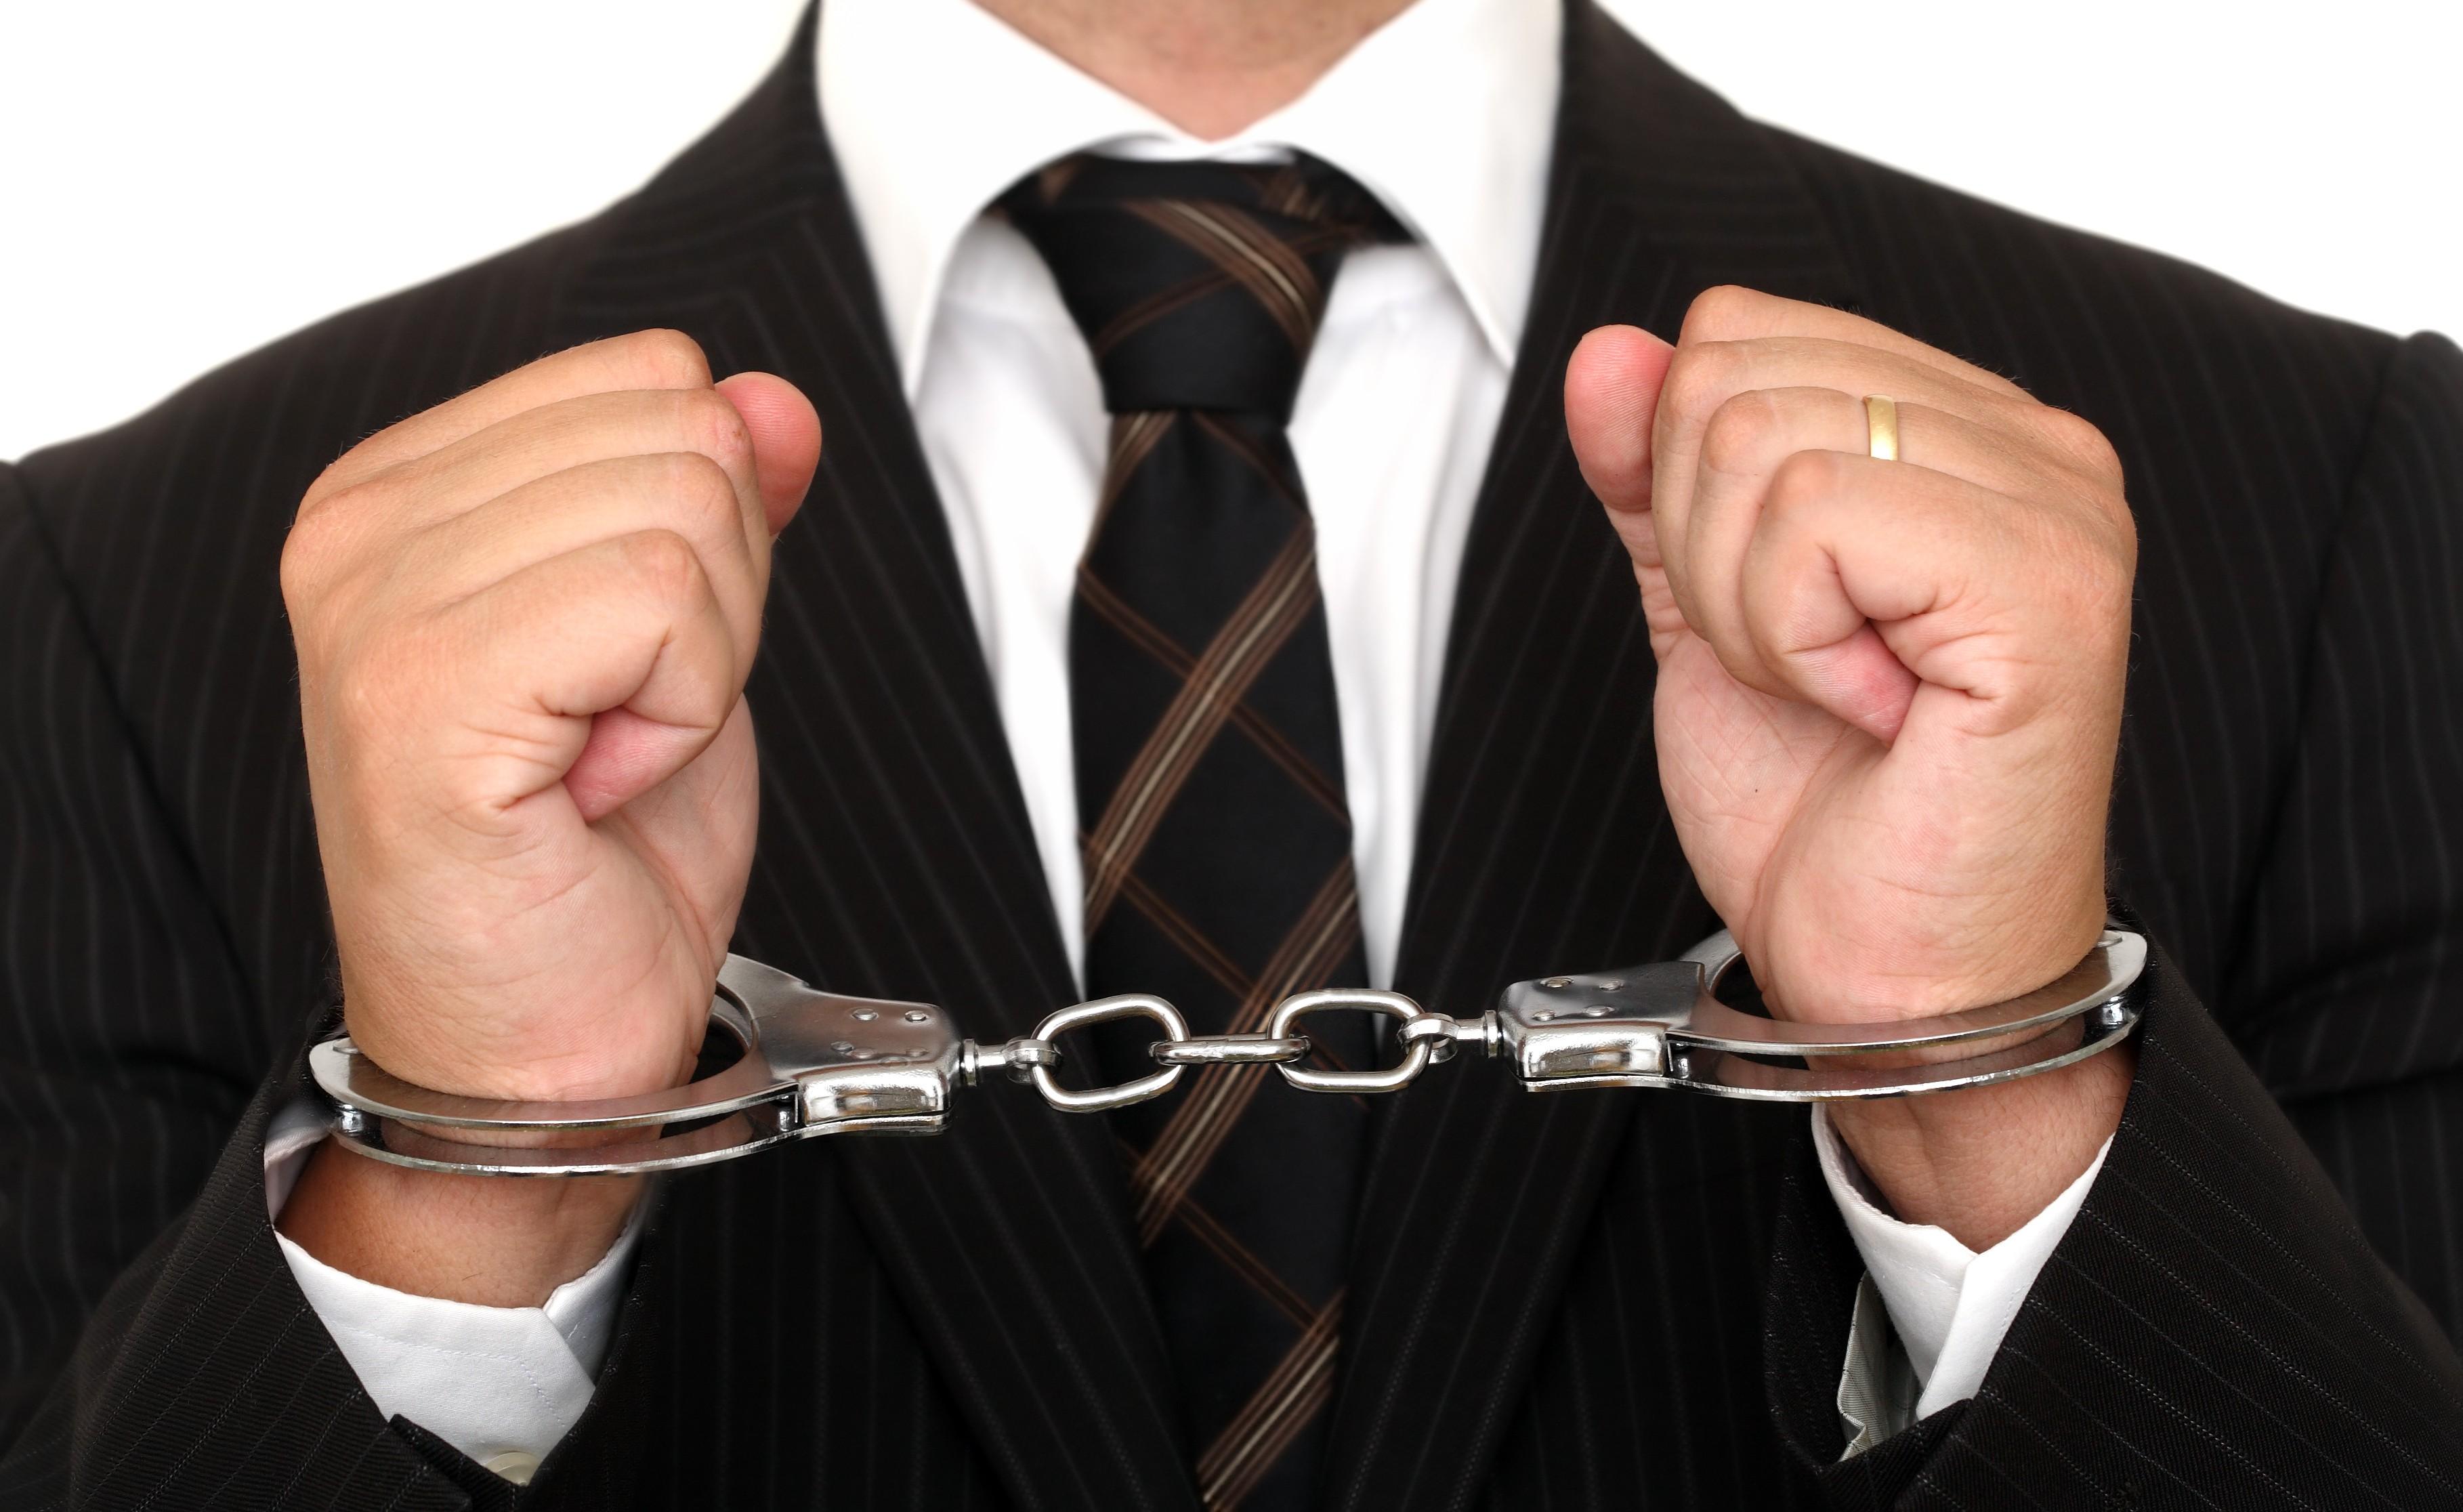 ManHandcuffs